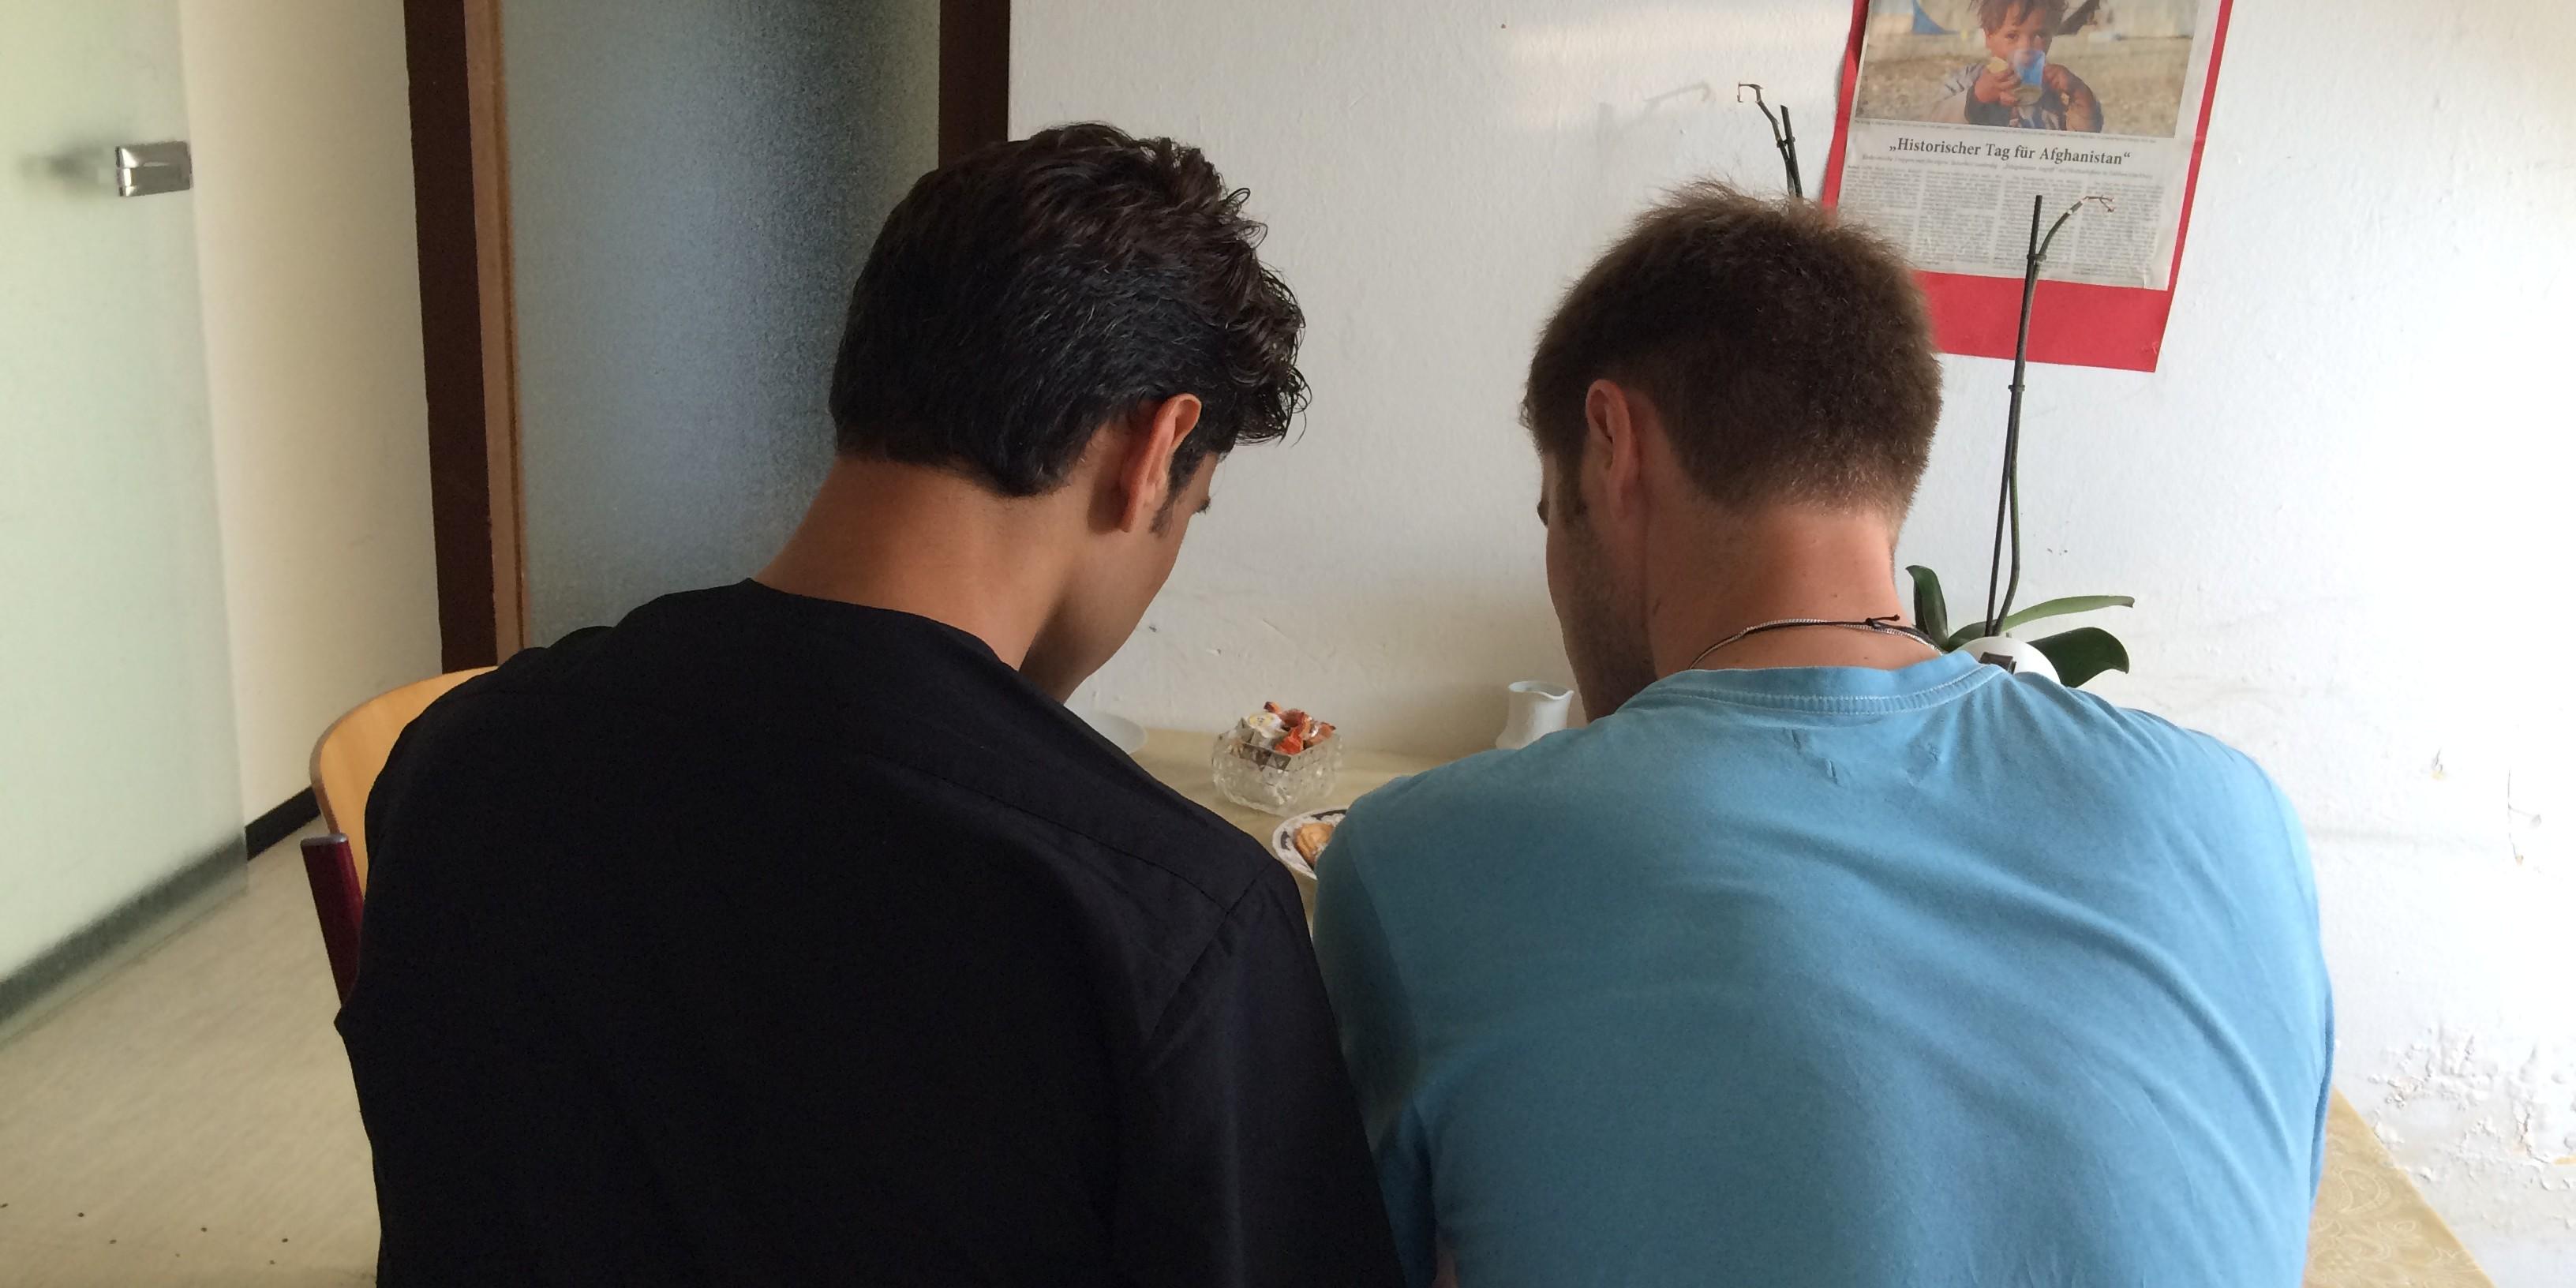 Seite an Seite - Vincent und Ali sind Freunde geworden. Bild: Privat